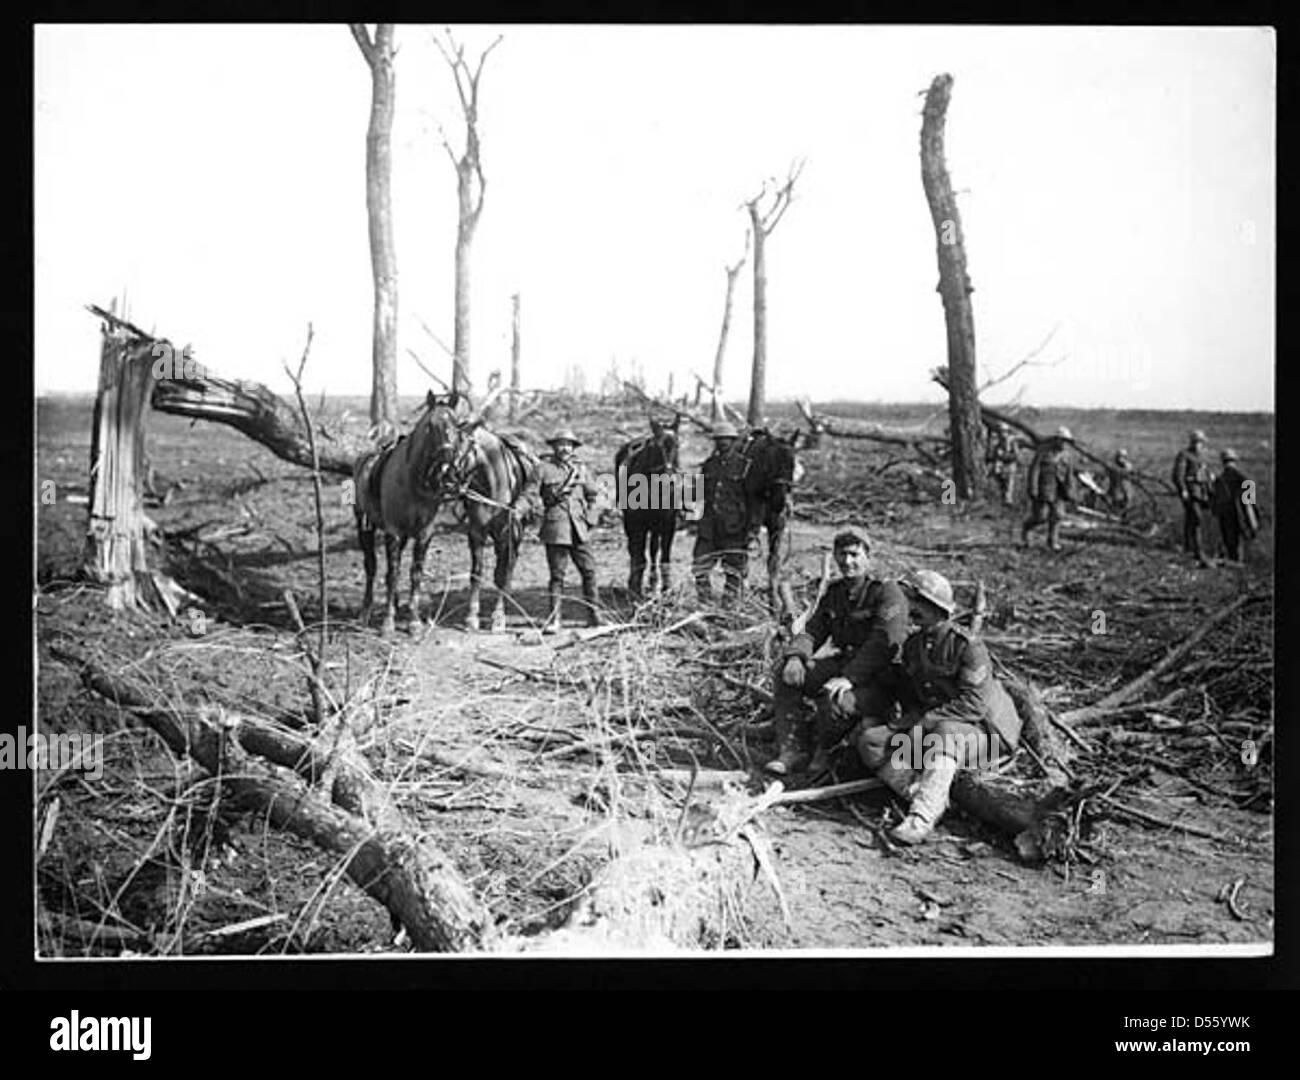 Cavalry - Stock Image